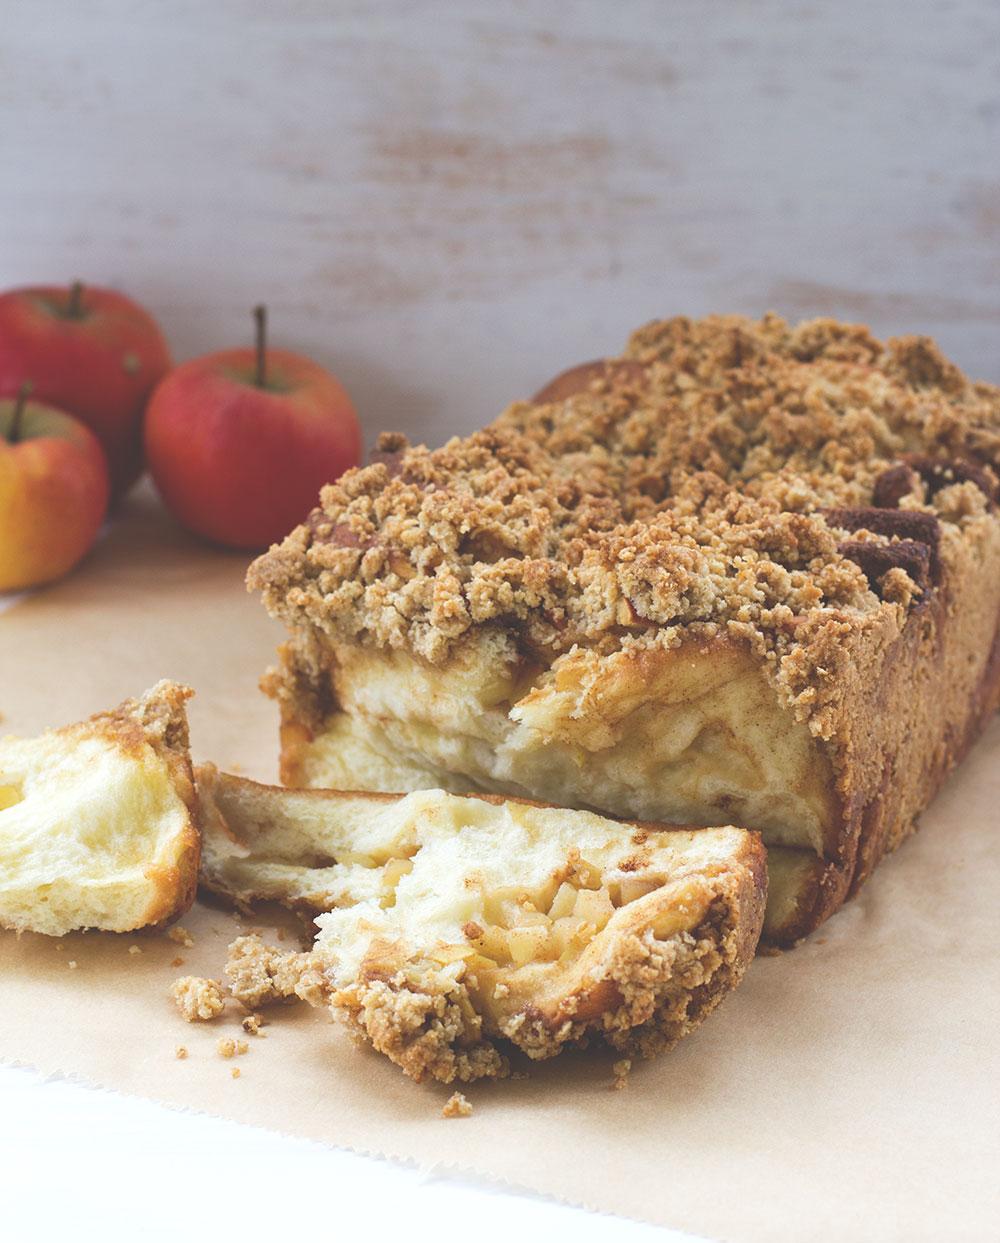 Rezept für Apfel-Zimt-Zupfbrot mit Streuseln (Apple Cinnamon Pull-Apart Bread) von moeyskitchen.com